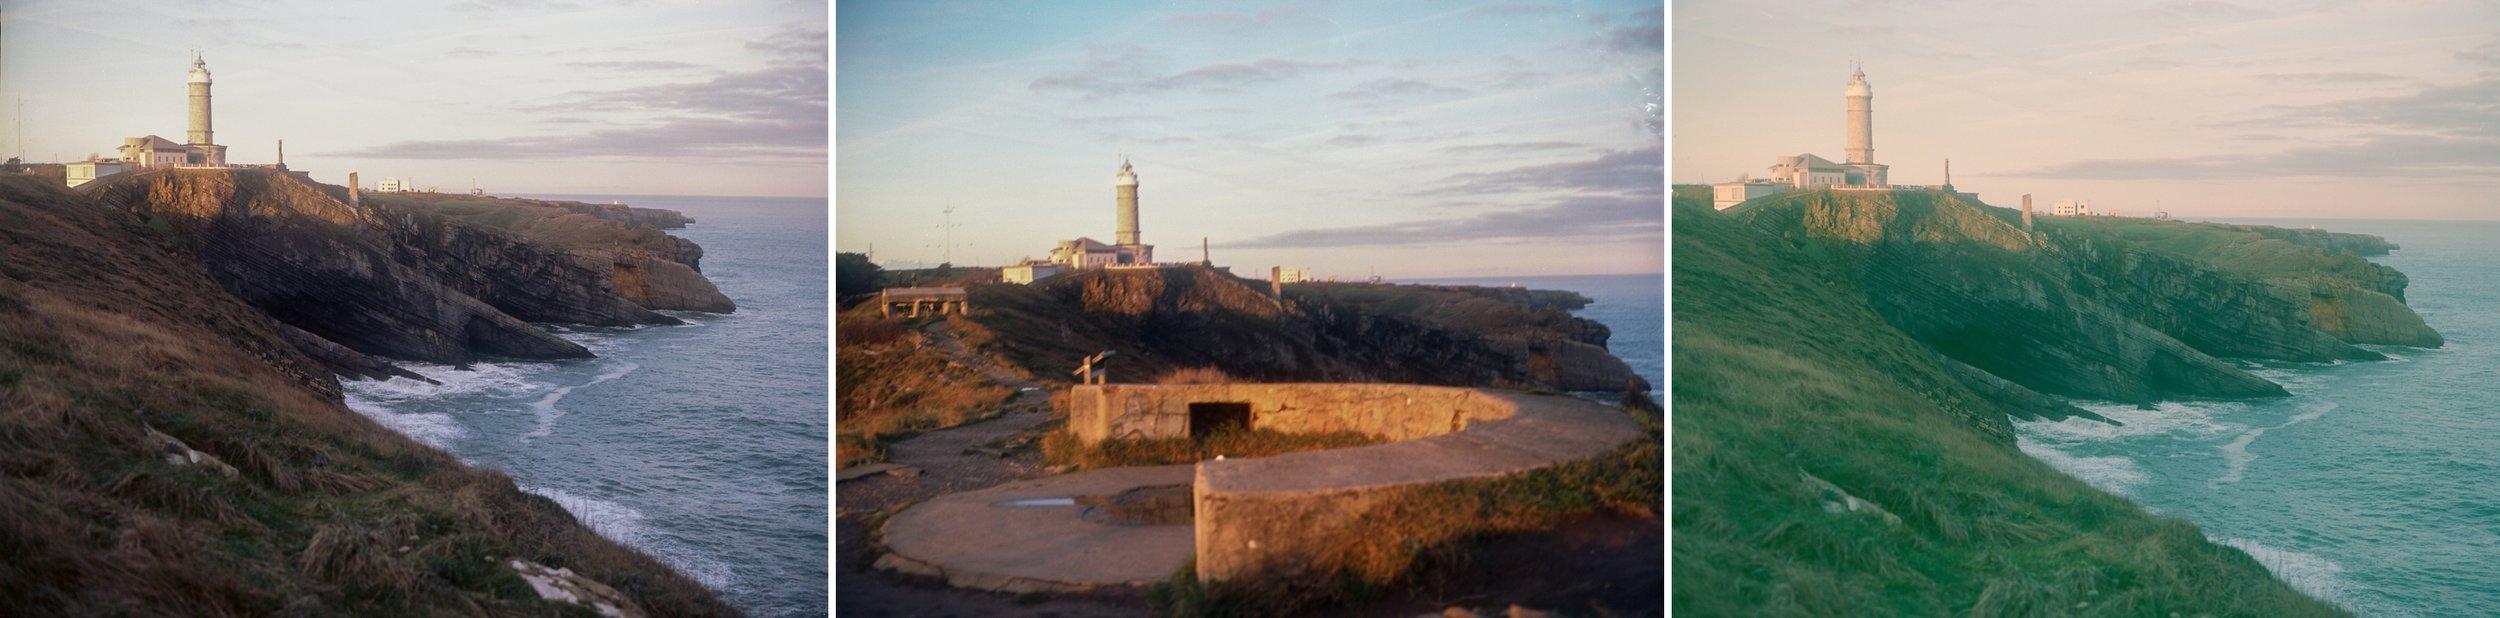 Travel Photo at Faro del Cabo Mayor in San Sebastian, Spain